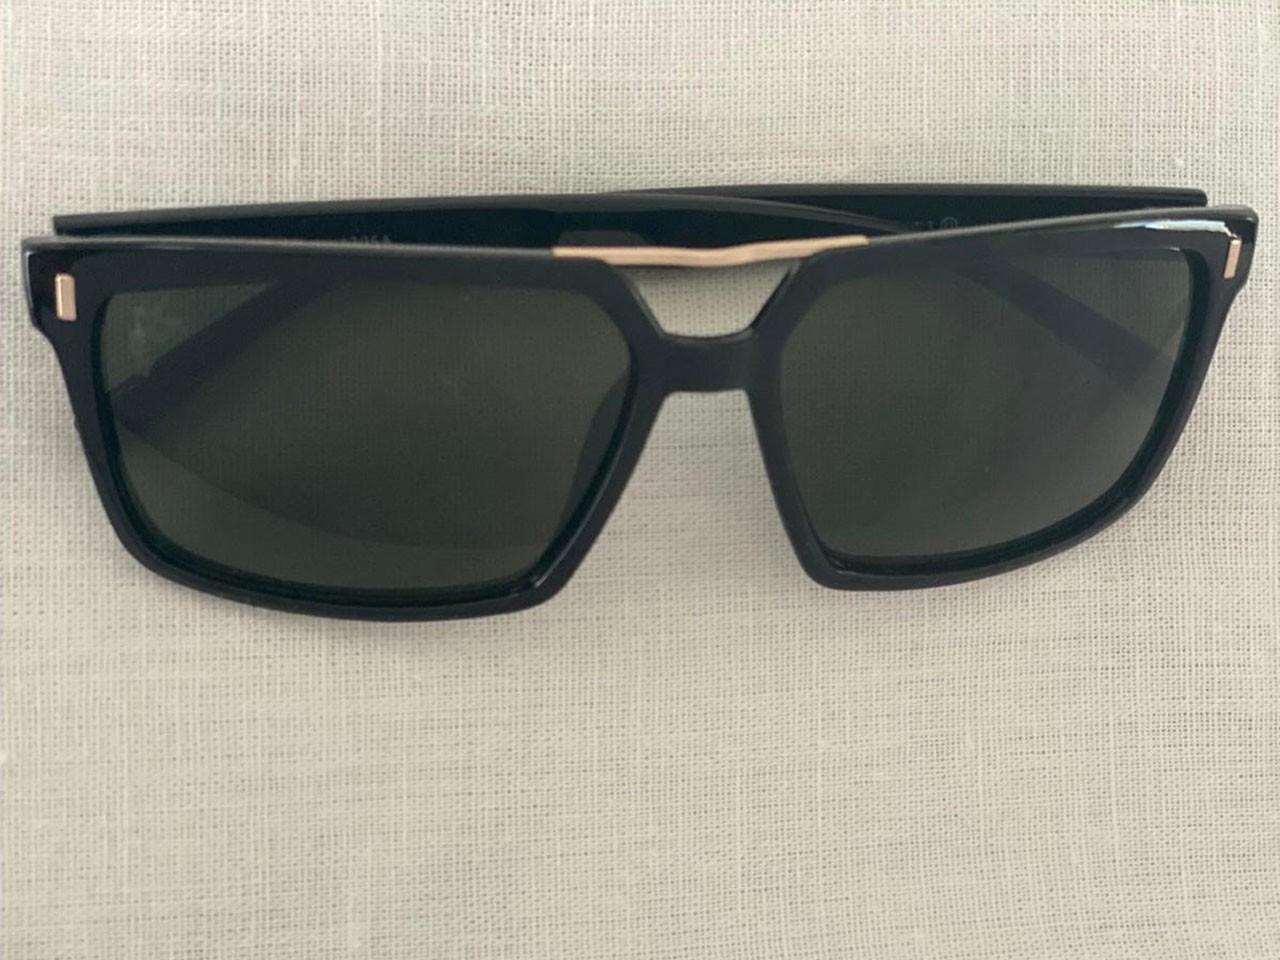 Óculos de Sol ACR - Quadrado Preto e Lente Preta